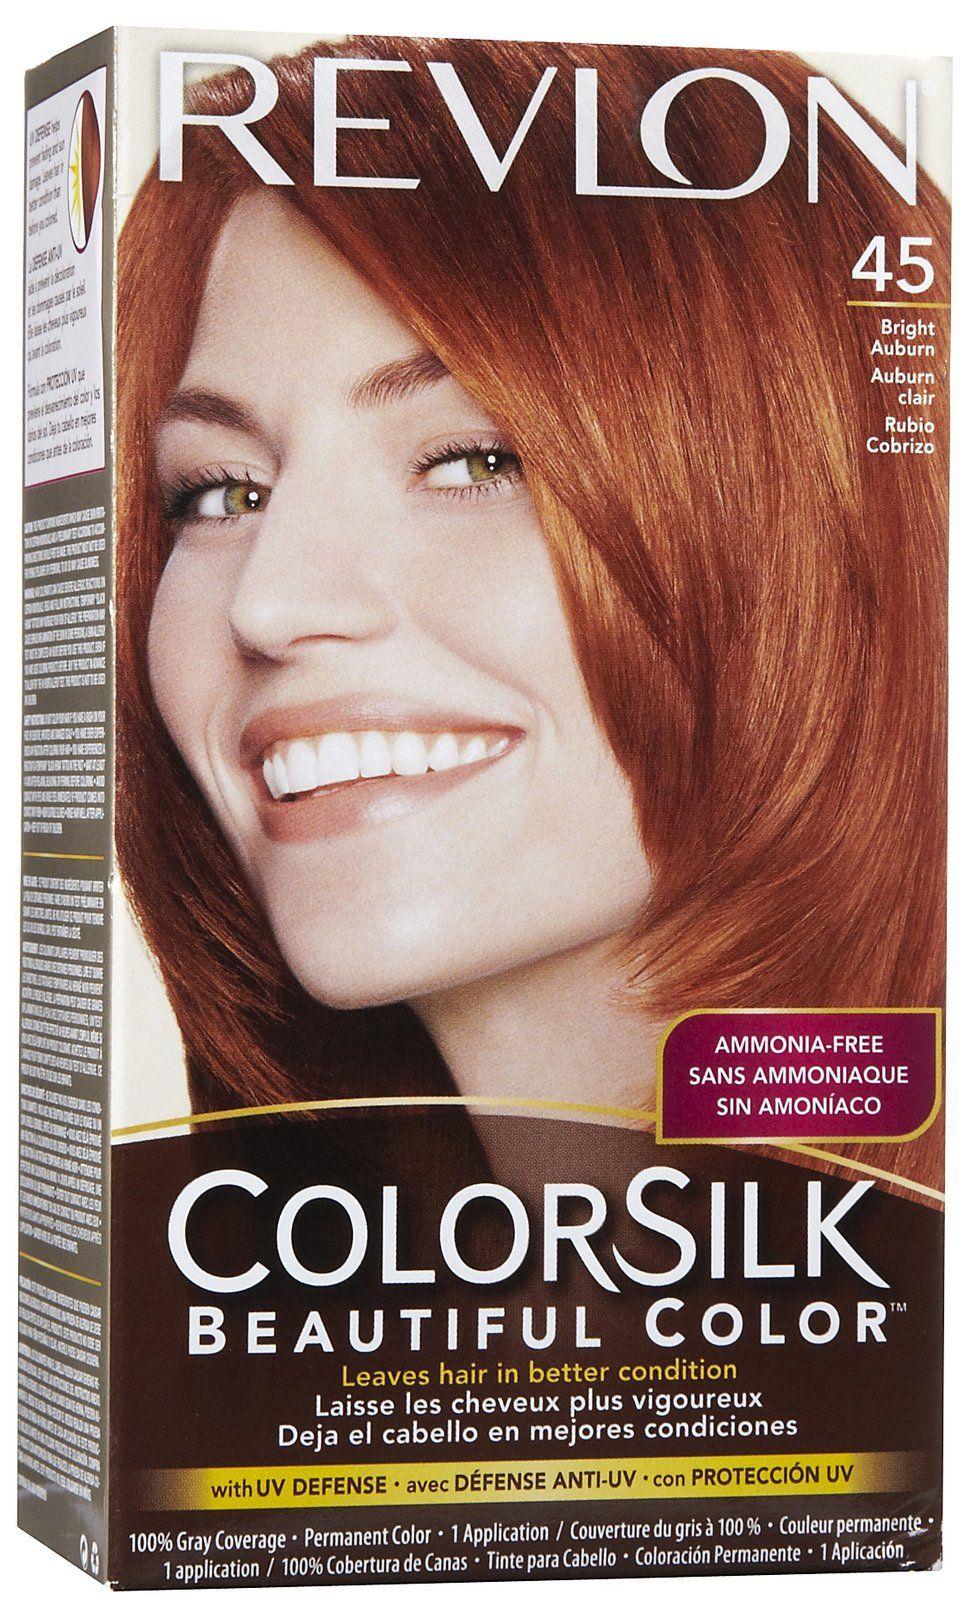 Revlon Colorsilk Permanent Hair Color Vibrant Red Best Price Permanent Hair Color Revlon Colorsilk Hair Color